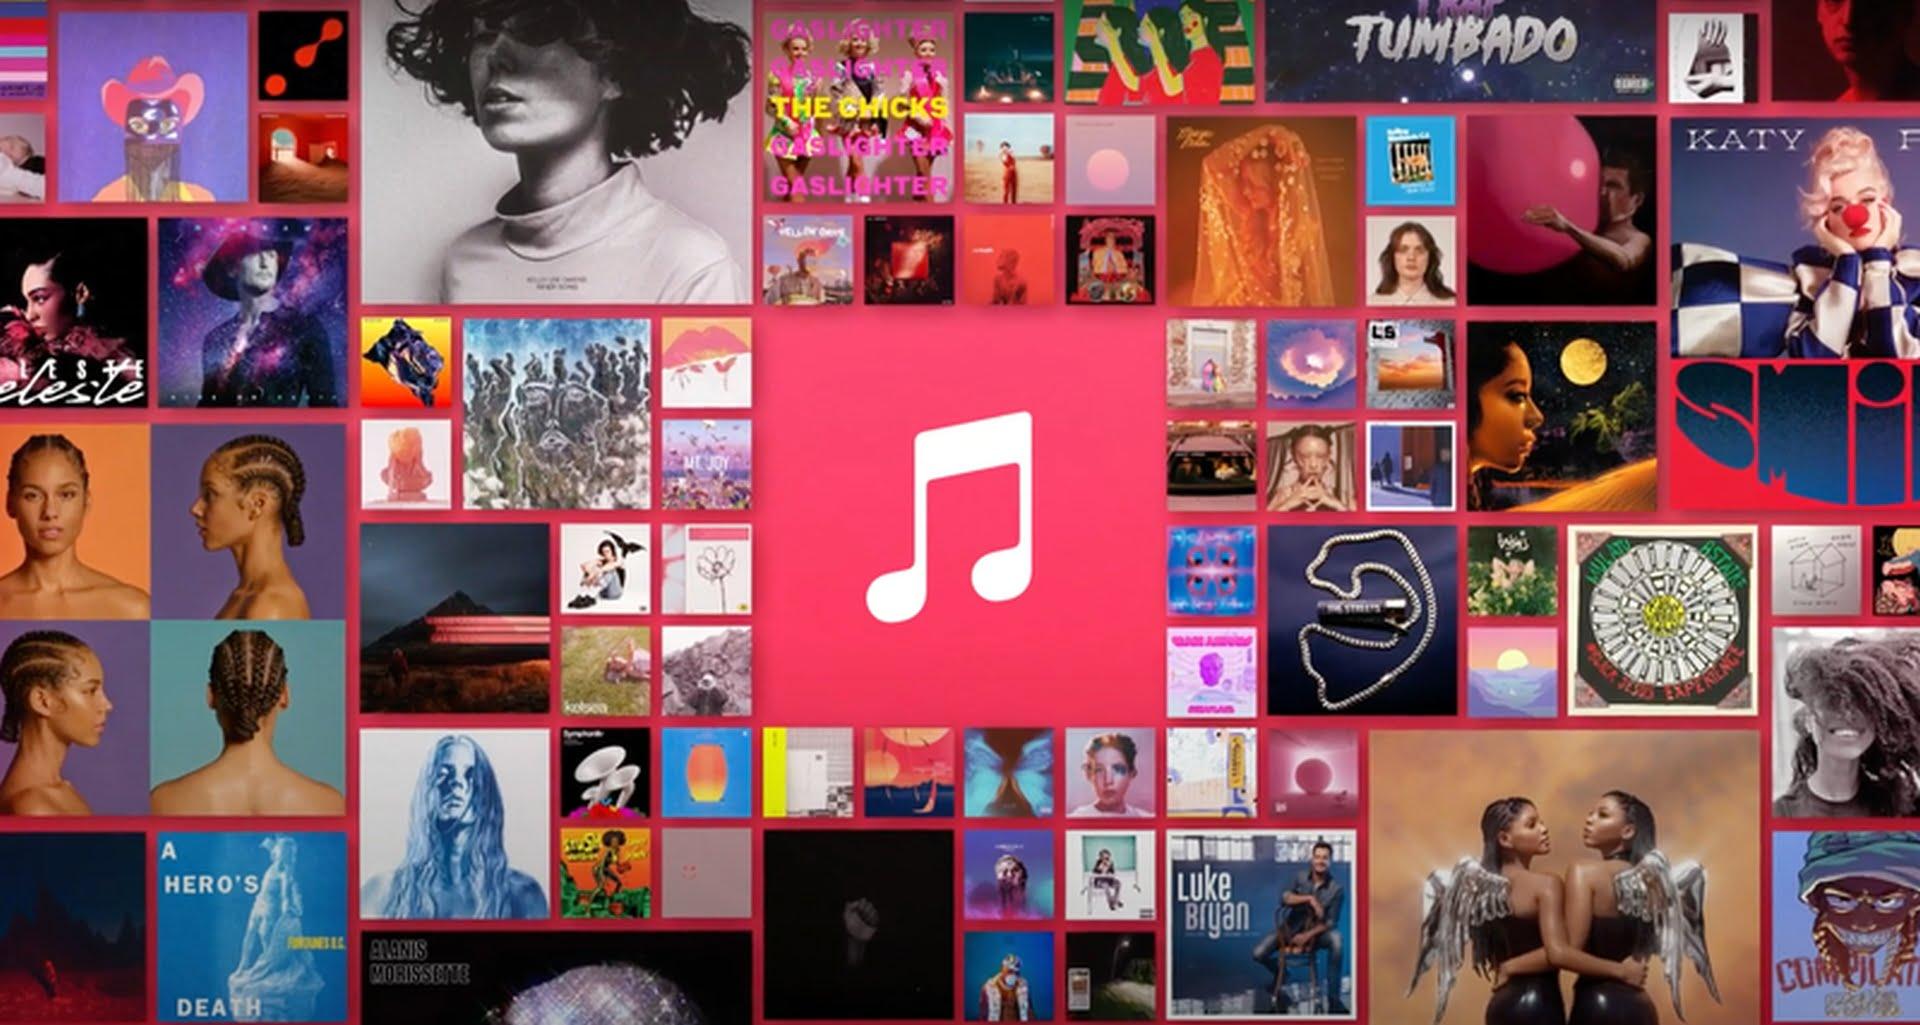 Być może niedługo pojawi się Apple Music Hi-Fi i AirPods 3 generacji